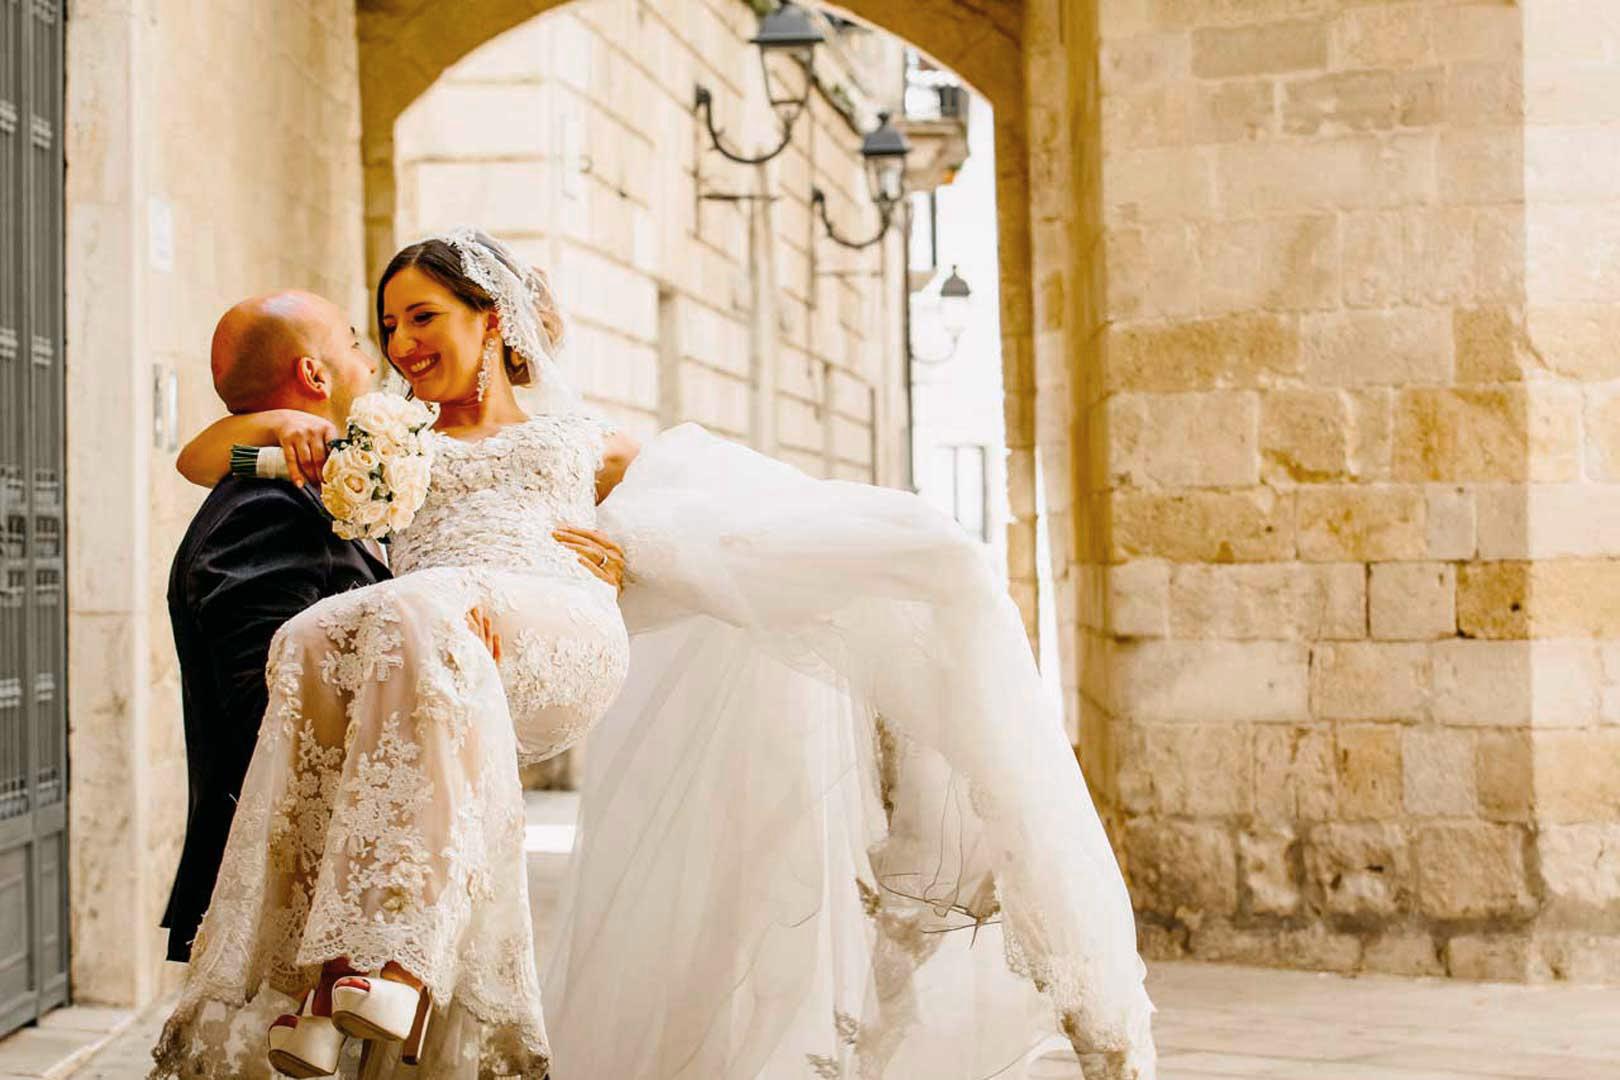 028-matrimonio-basilicata-gianni-lepore-fotografo